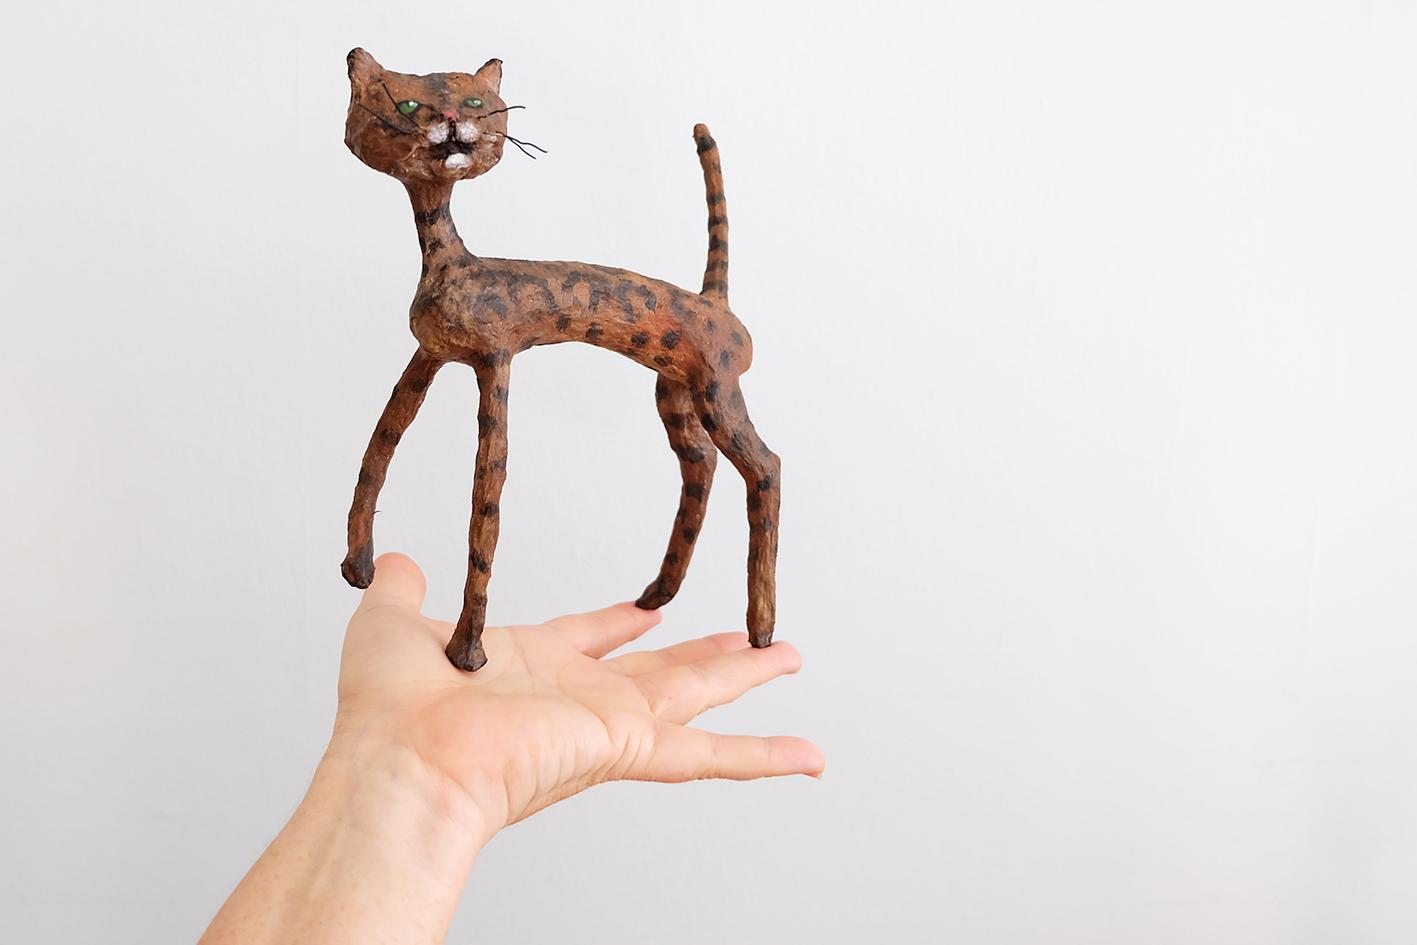 """""""Jag tyckte det var en jätterolig idé och en möjlighet att få en tavla och en skulptur av Sixten. Det här var en möjlighet jag inte kunde missa. Jag tycker om konst och är jätteglad att få något så personligt gjort till oss."""""""